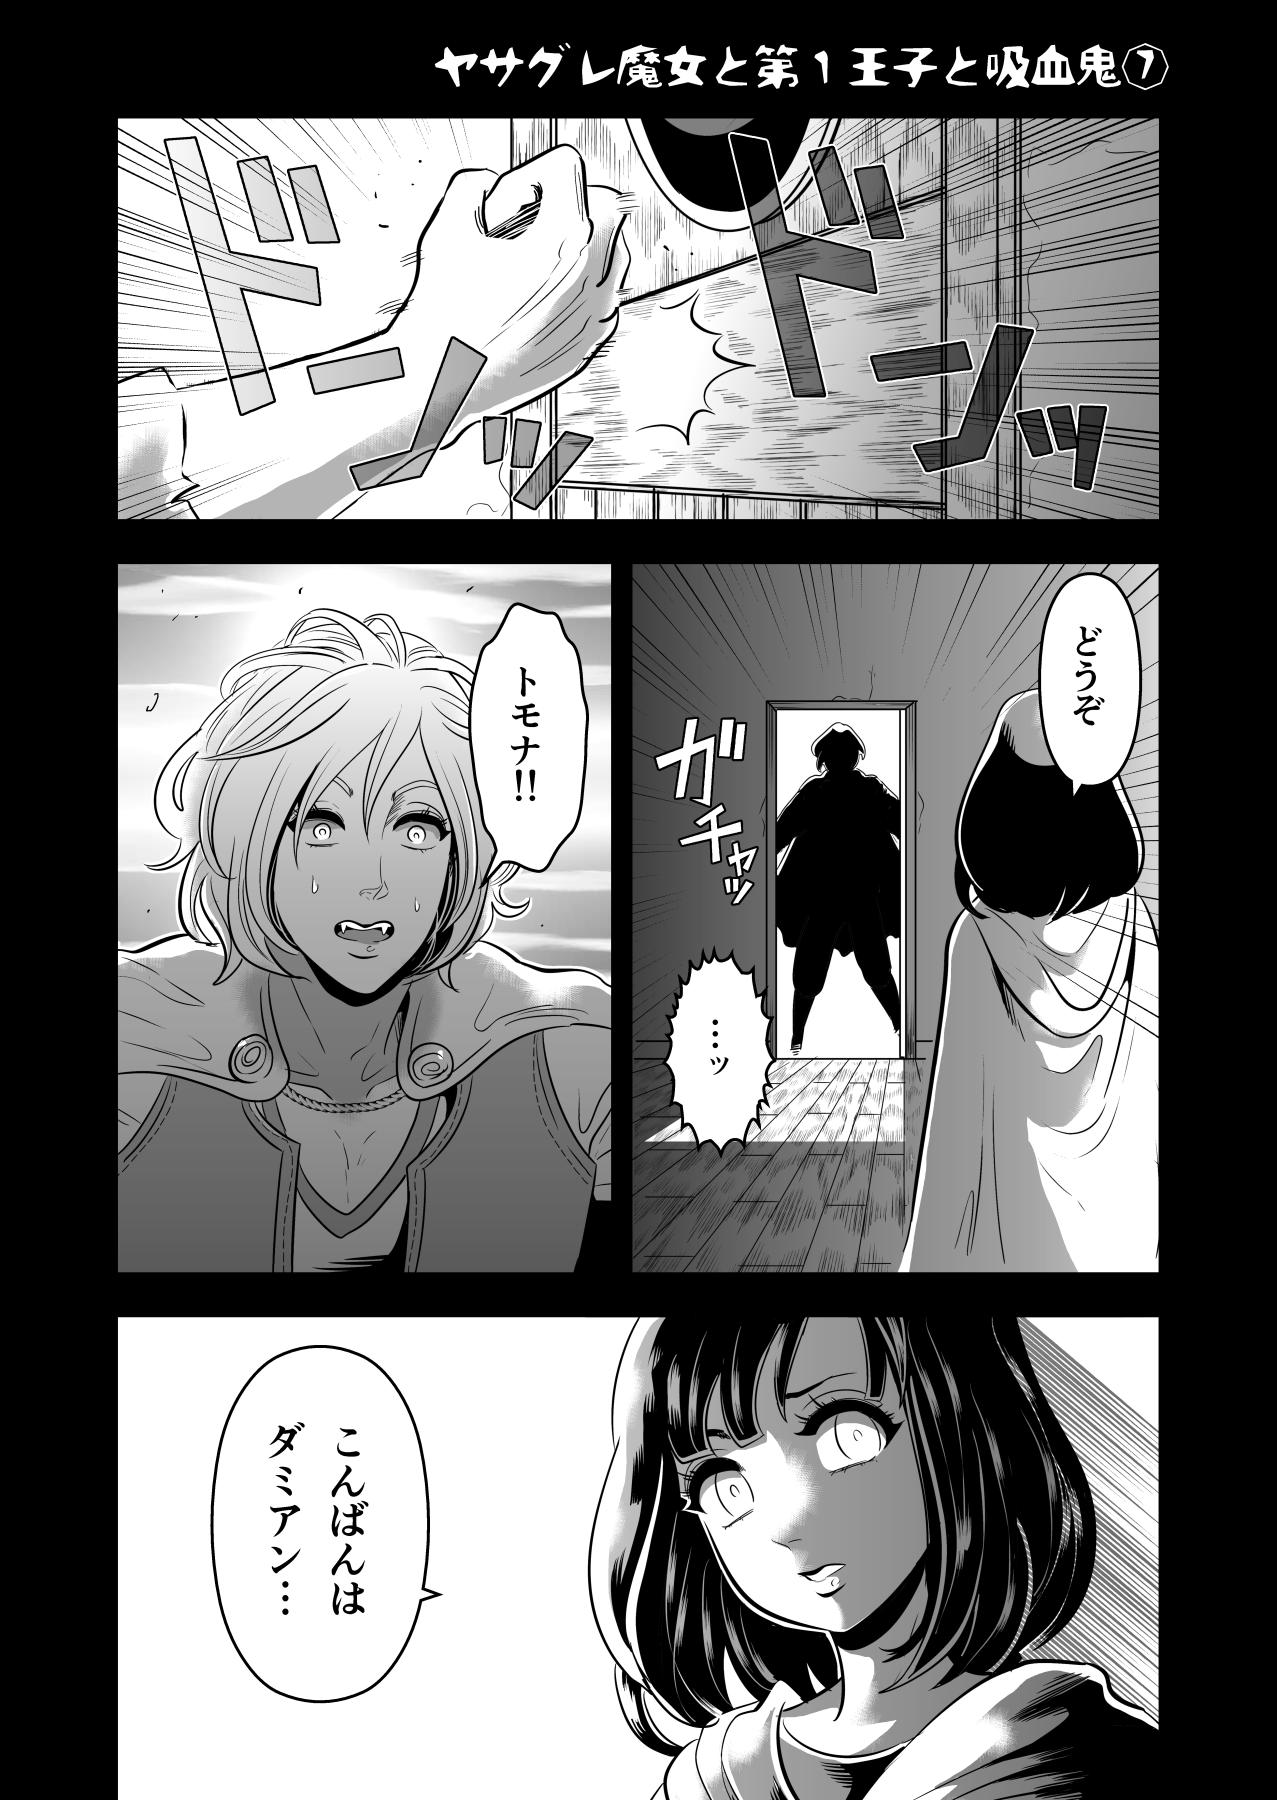 ヤサグレ魔女と第1王子と吸血鬼0019